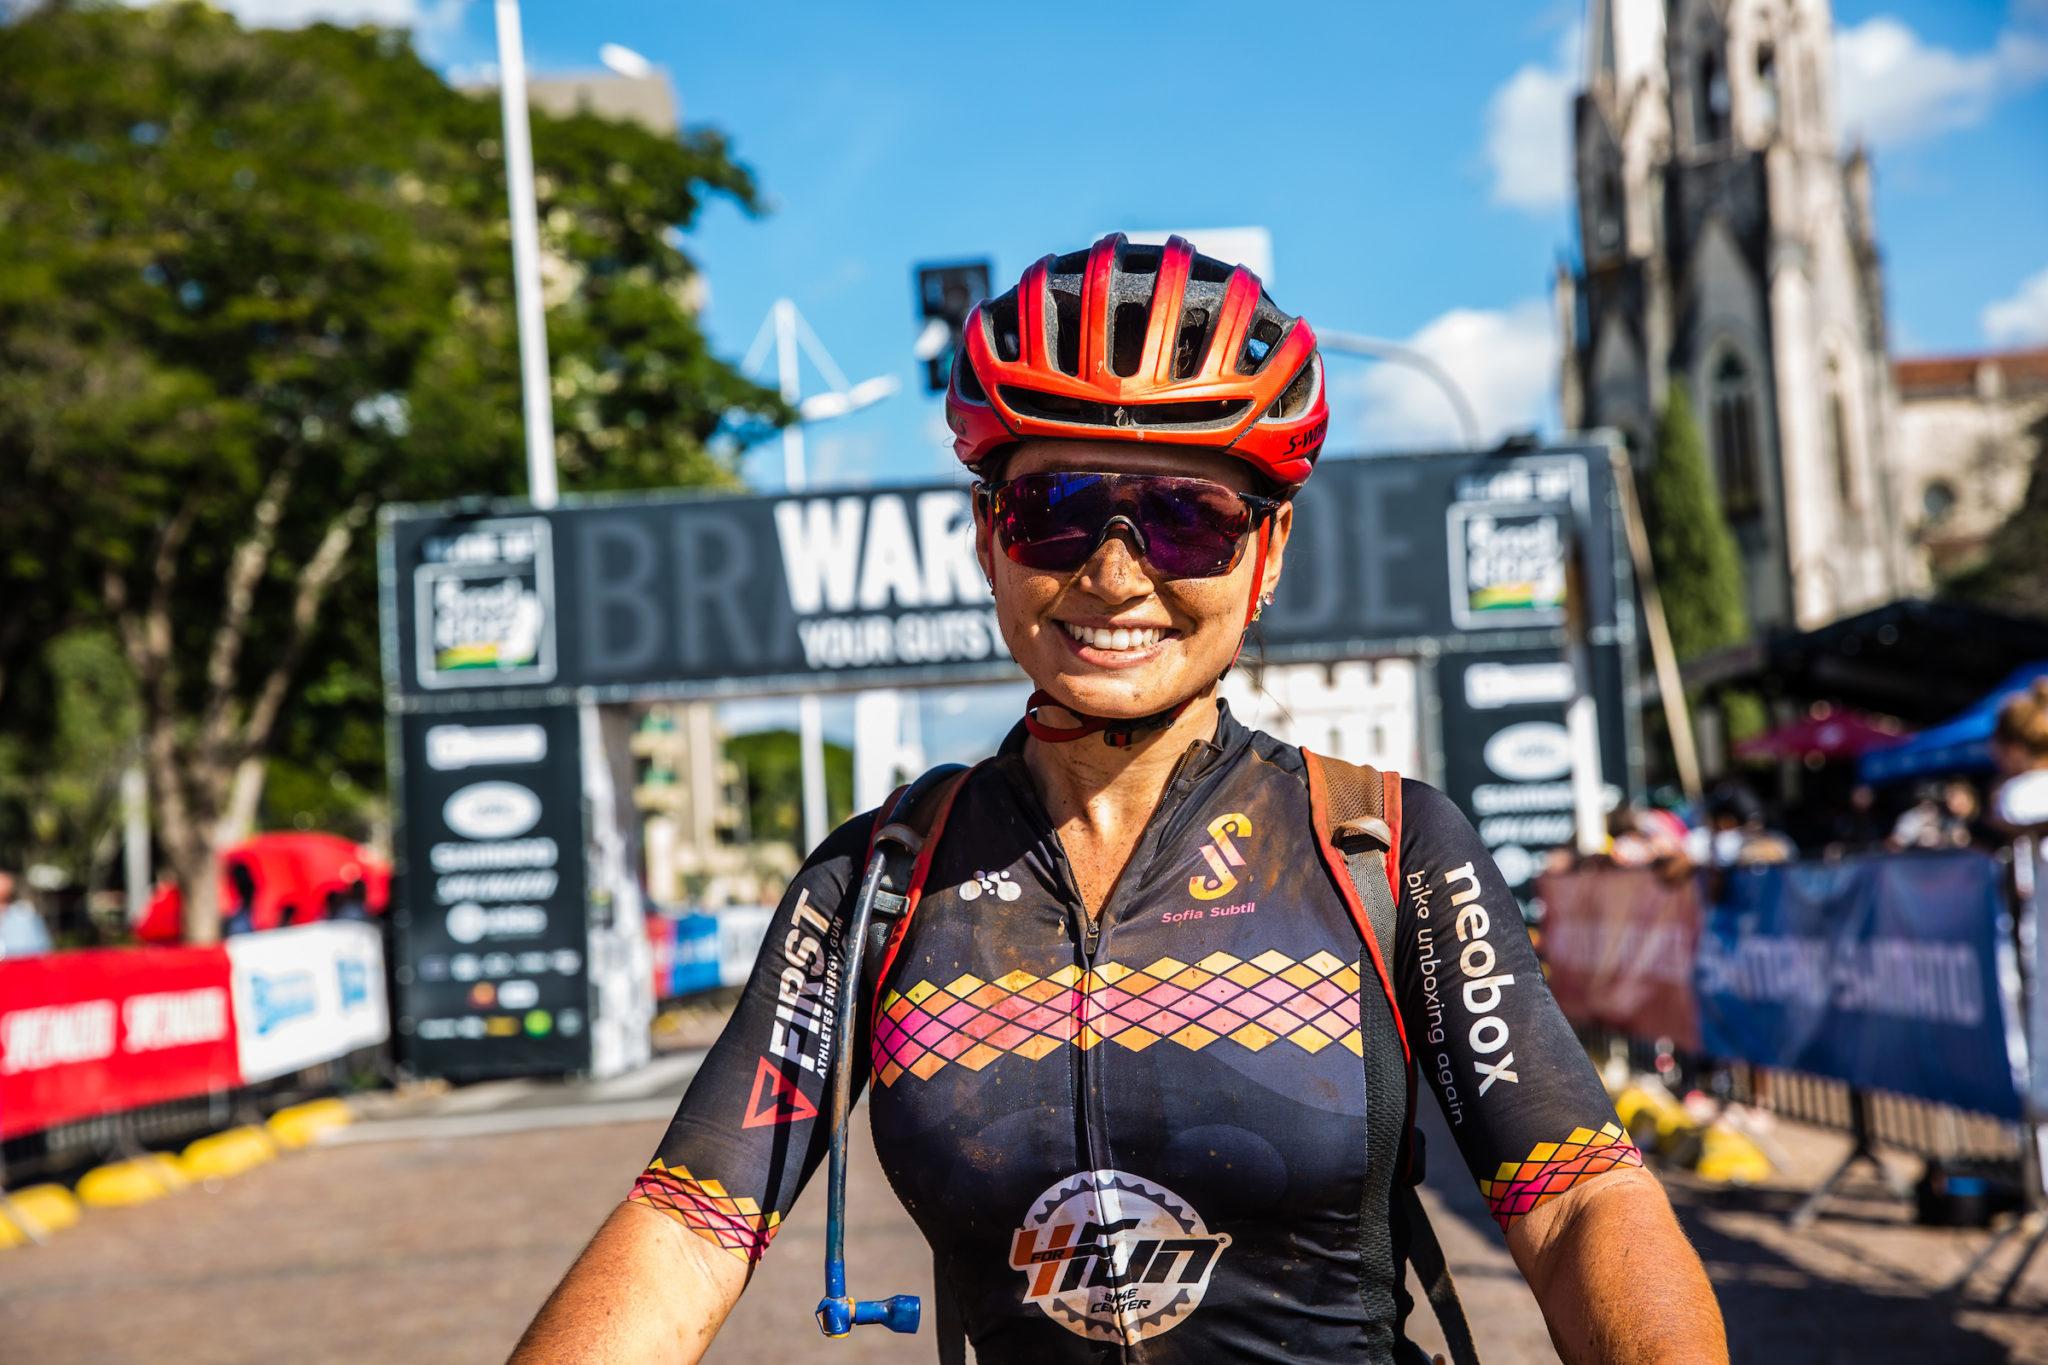 Sofia Subtil, felicidade pelo título na chegada  (Wladimir Togumi / Brasil Ride)